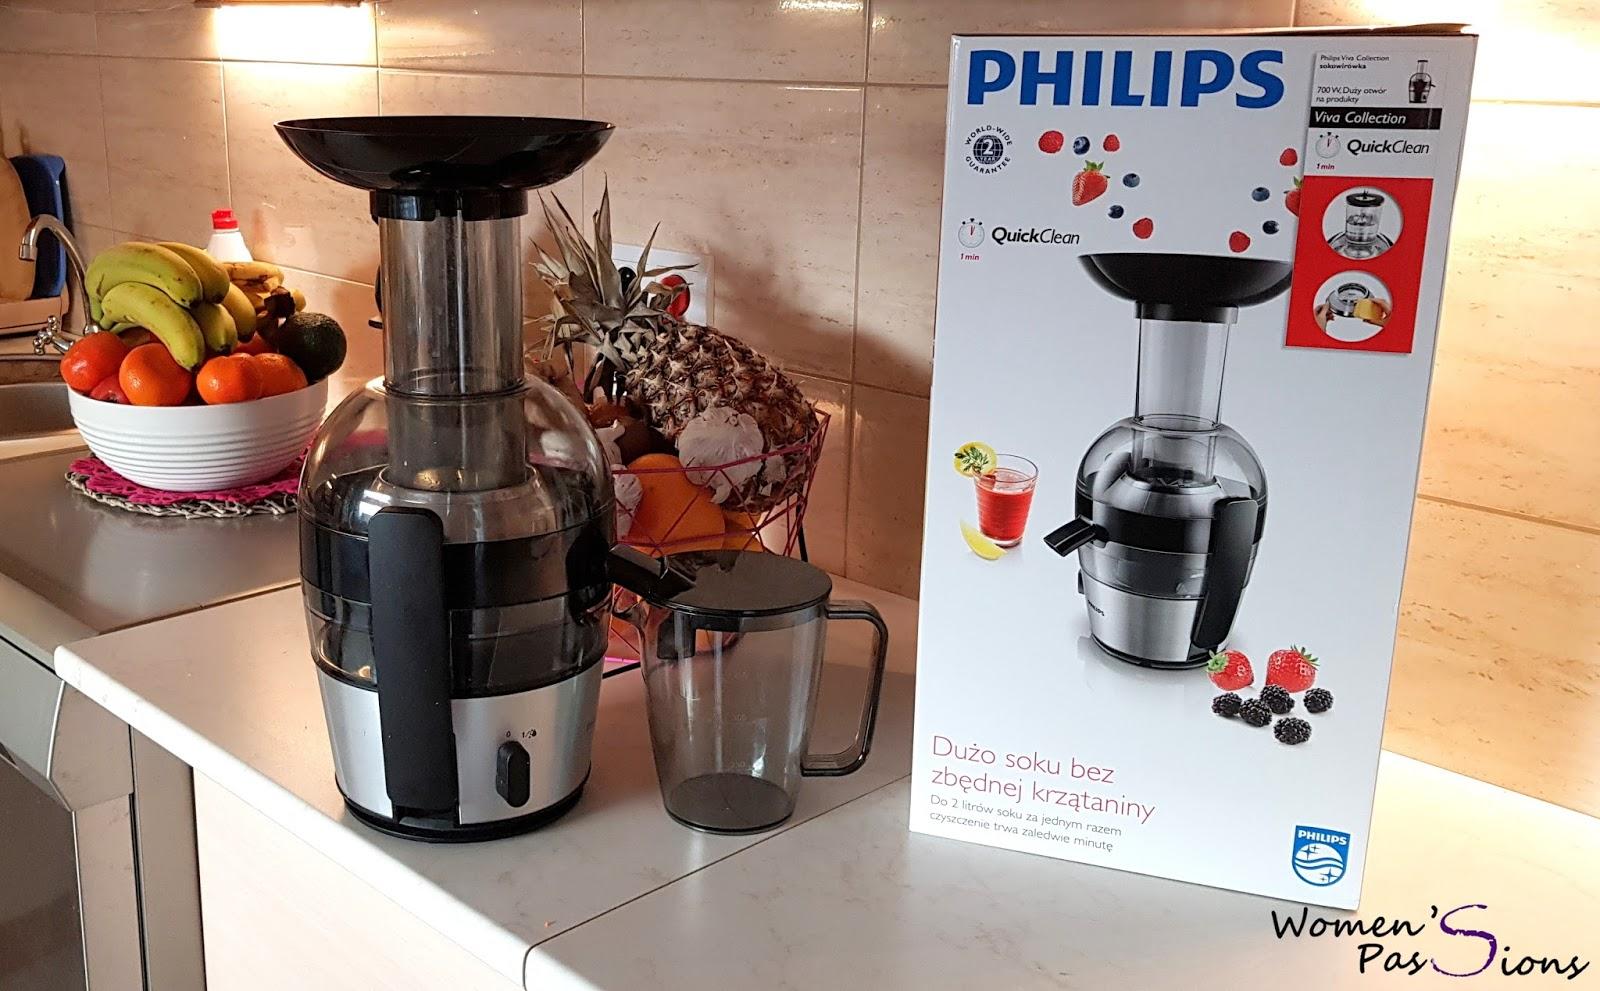 Women's passions: Philips | Sokowirówka szybkoobrotowa HR